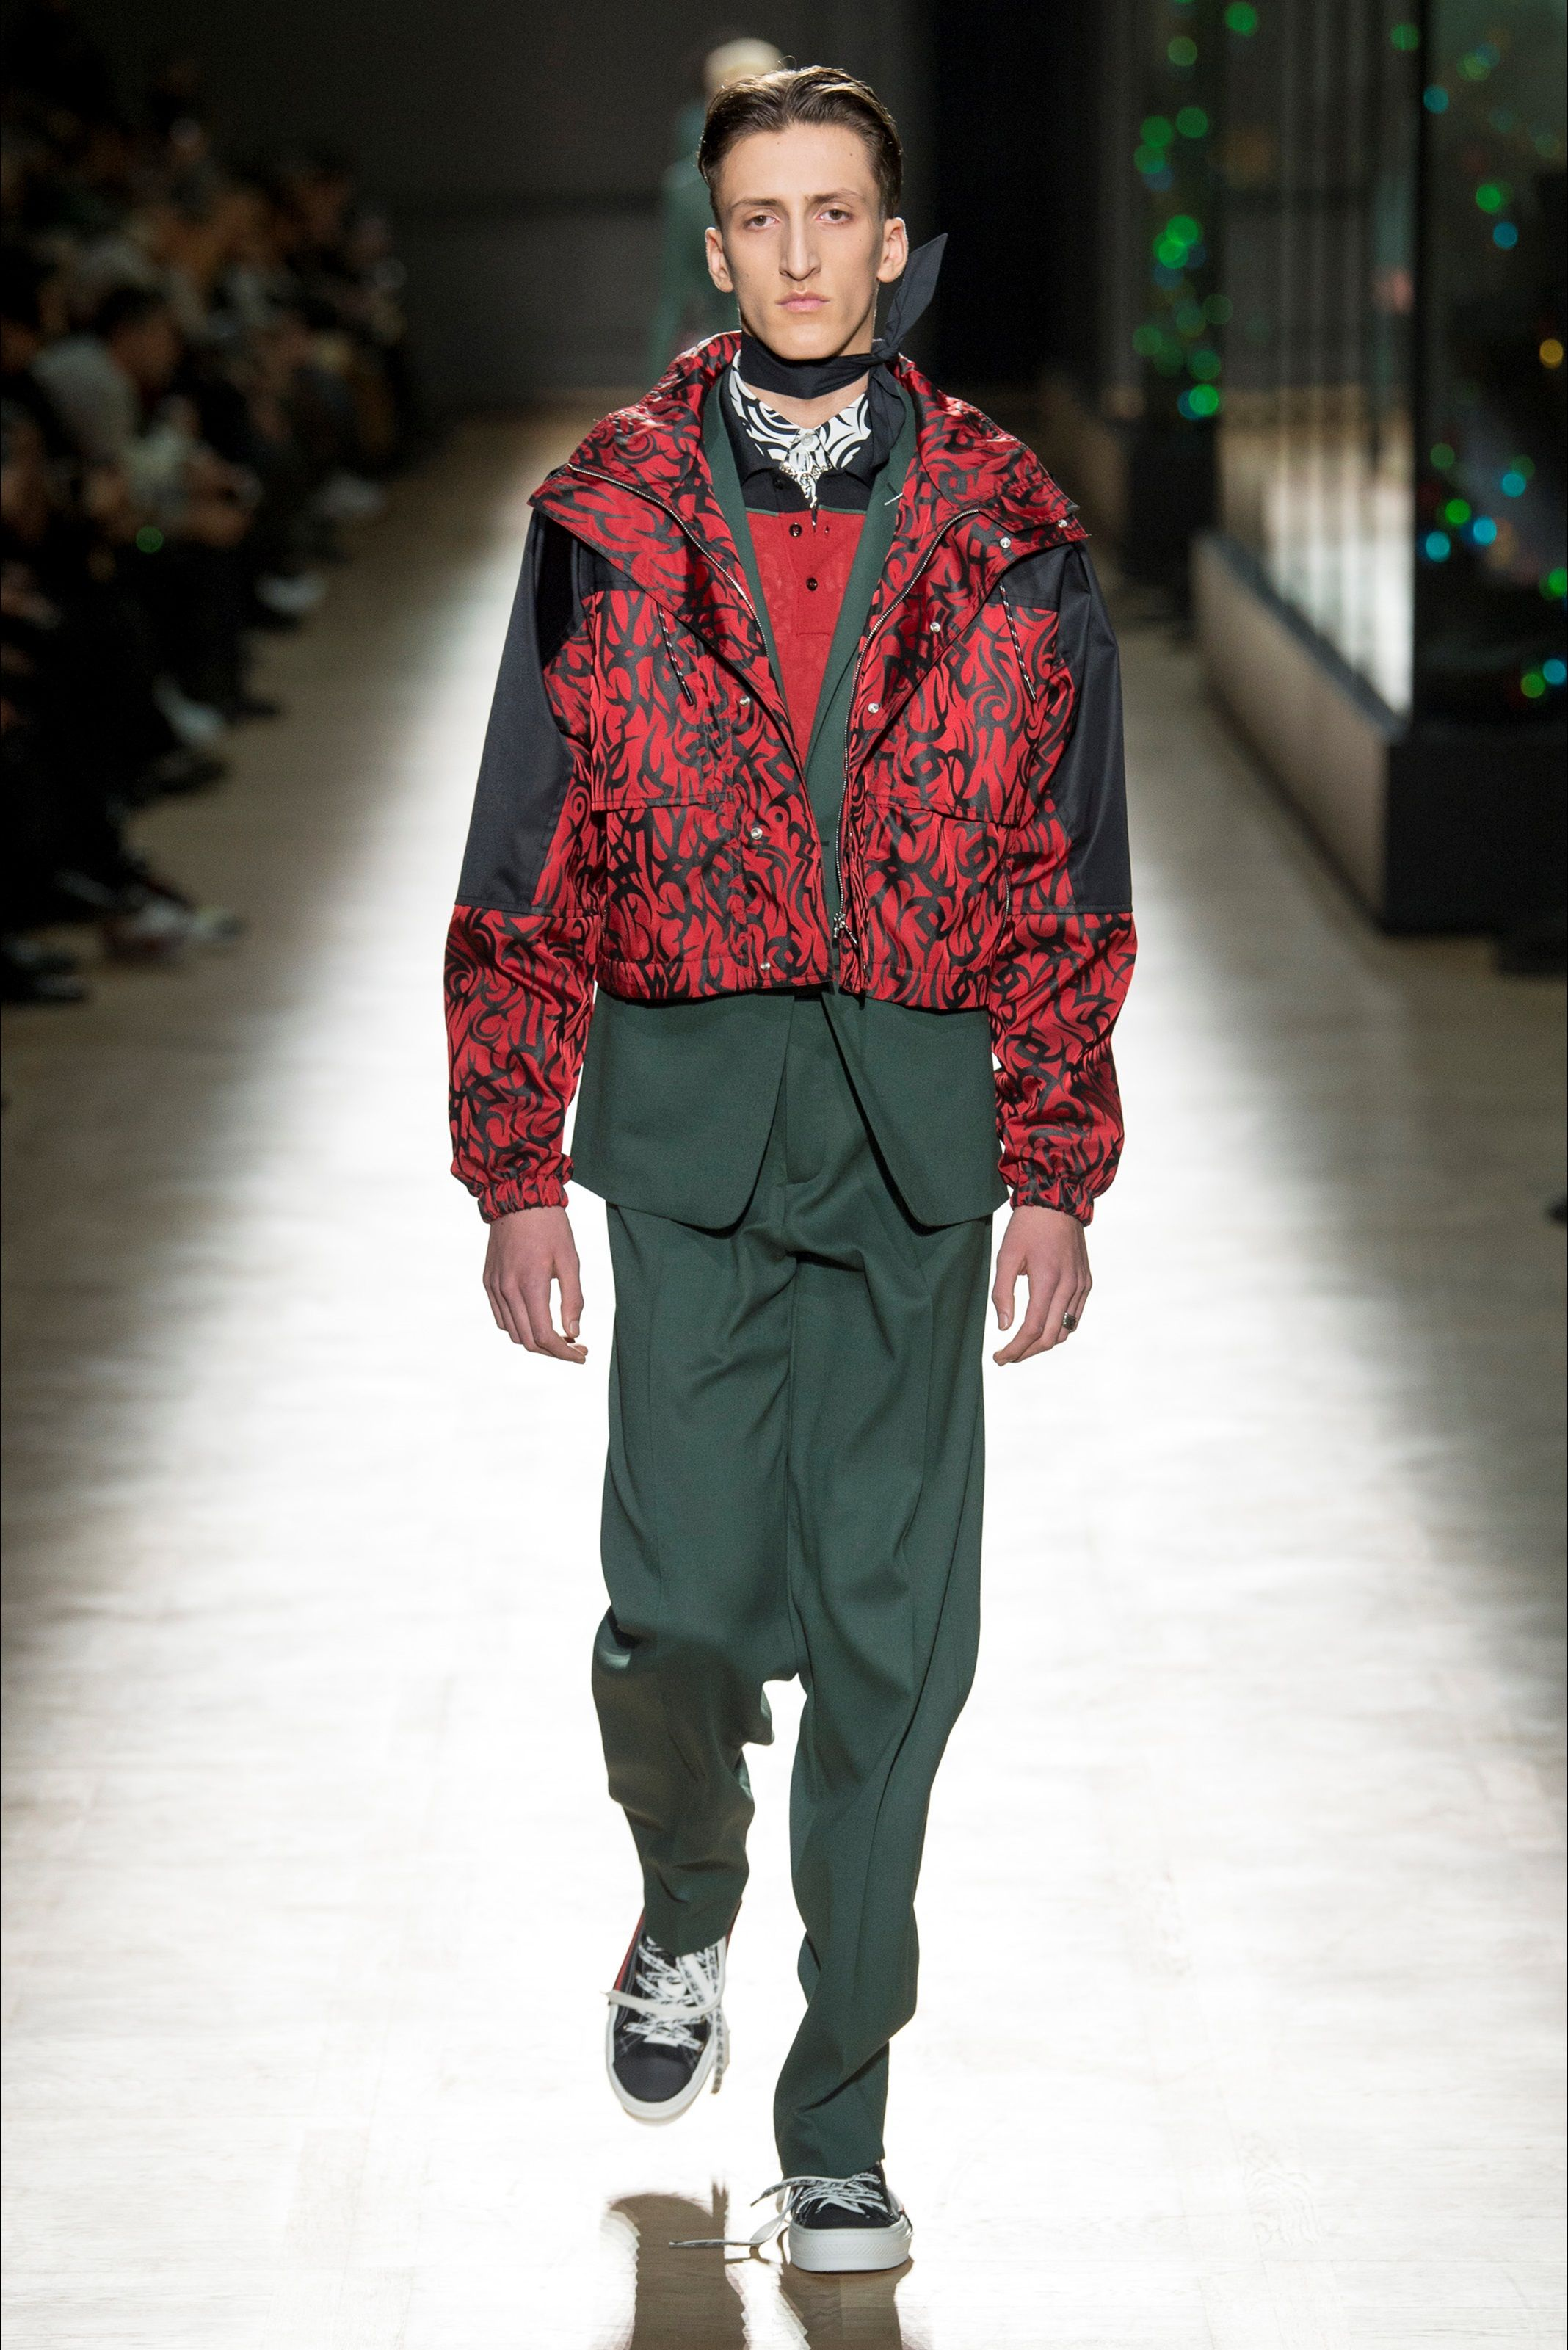 Sfilata Moda Uomo Dior Homme Parigi - Autunno Inverno 2018-19 - Vogue 18e929f3462